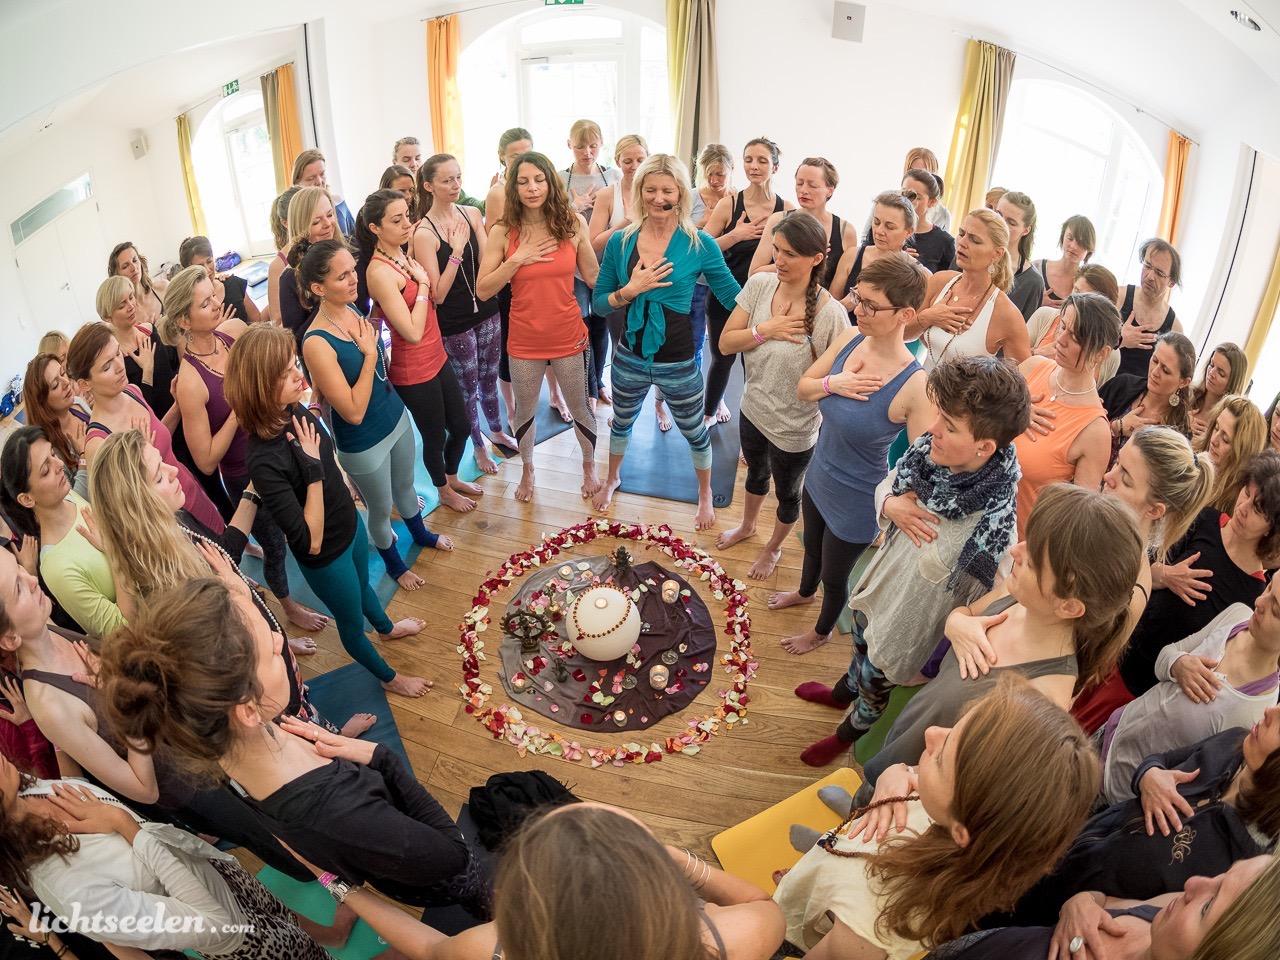 """Yoga Trance Dance™ - wurde 1994 von Shiva Rea (www.shivarea.com)basierend auf ihrem """"Worlds Arts and Cultures Dance Movement Therapy"""" Studium an der UCLA California, als auch längeren Studienaufenthalten in indigenen Kulturen in Afrika, Indien, der Karibik und Bali ins Leben gerufen,wo sie sich tiefgreifend mit dem Thema """"Embodiment"""", Tanz, rituellen Bewegungen und Bewegungsmeditation verschiedener Kulturen auseinander setzte."""